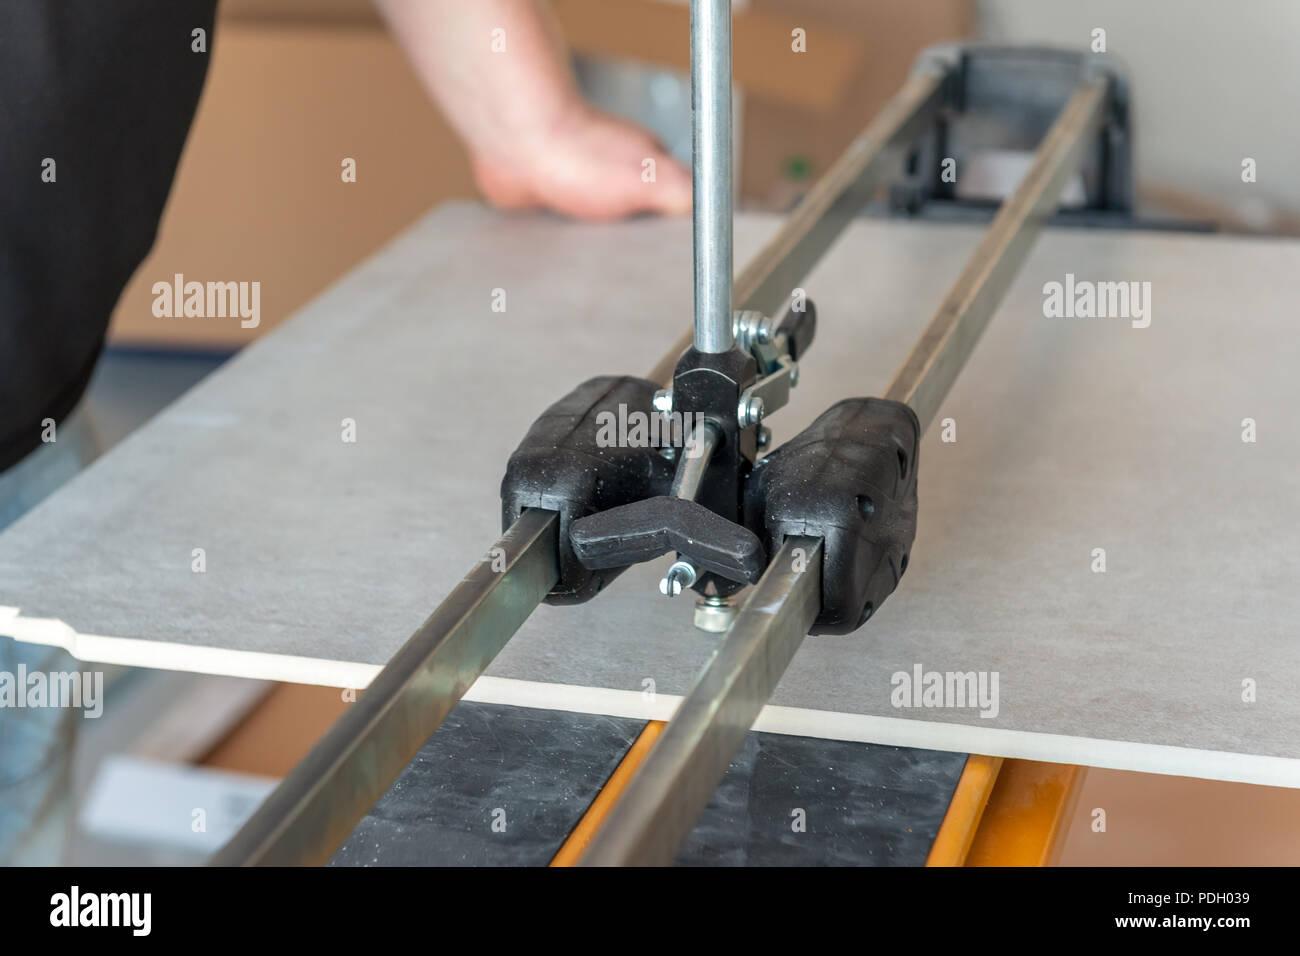 Tile Cutter Maschine Arbeiter Schneiden Keramische Bodenfliesen